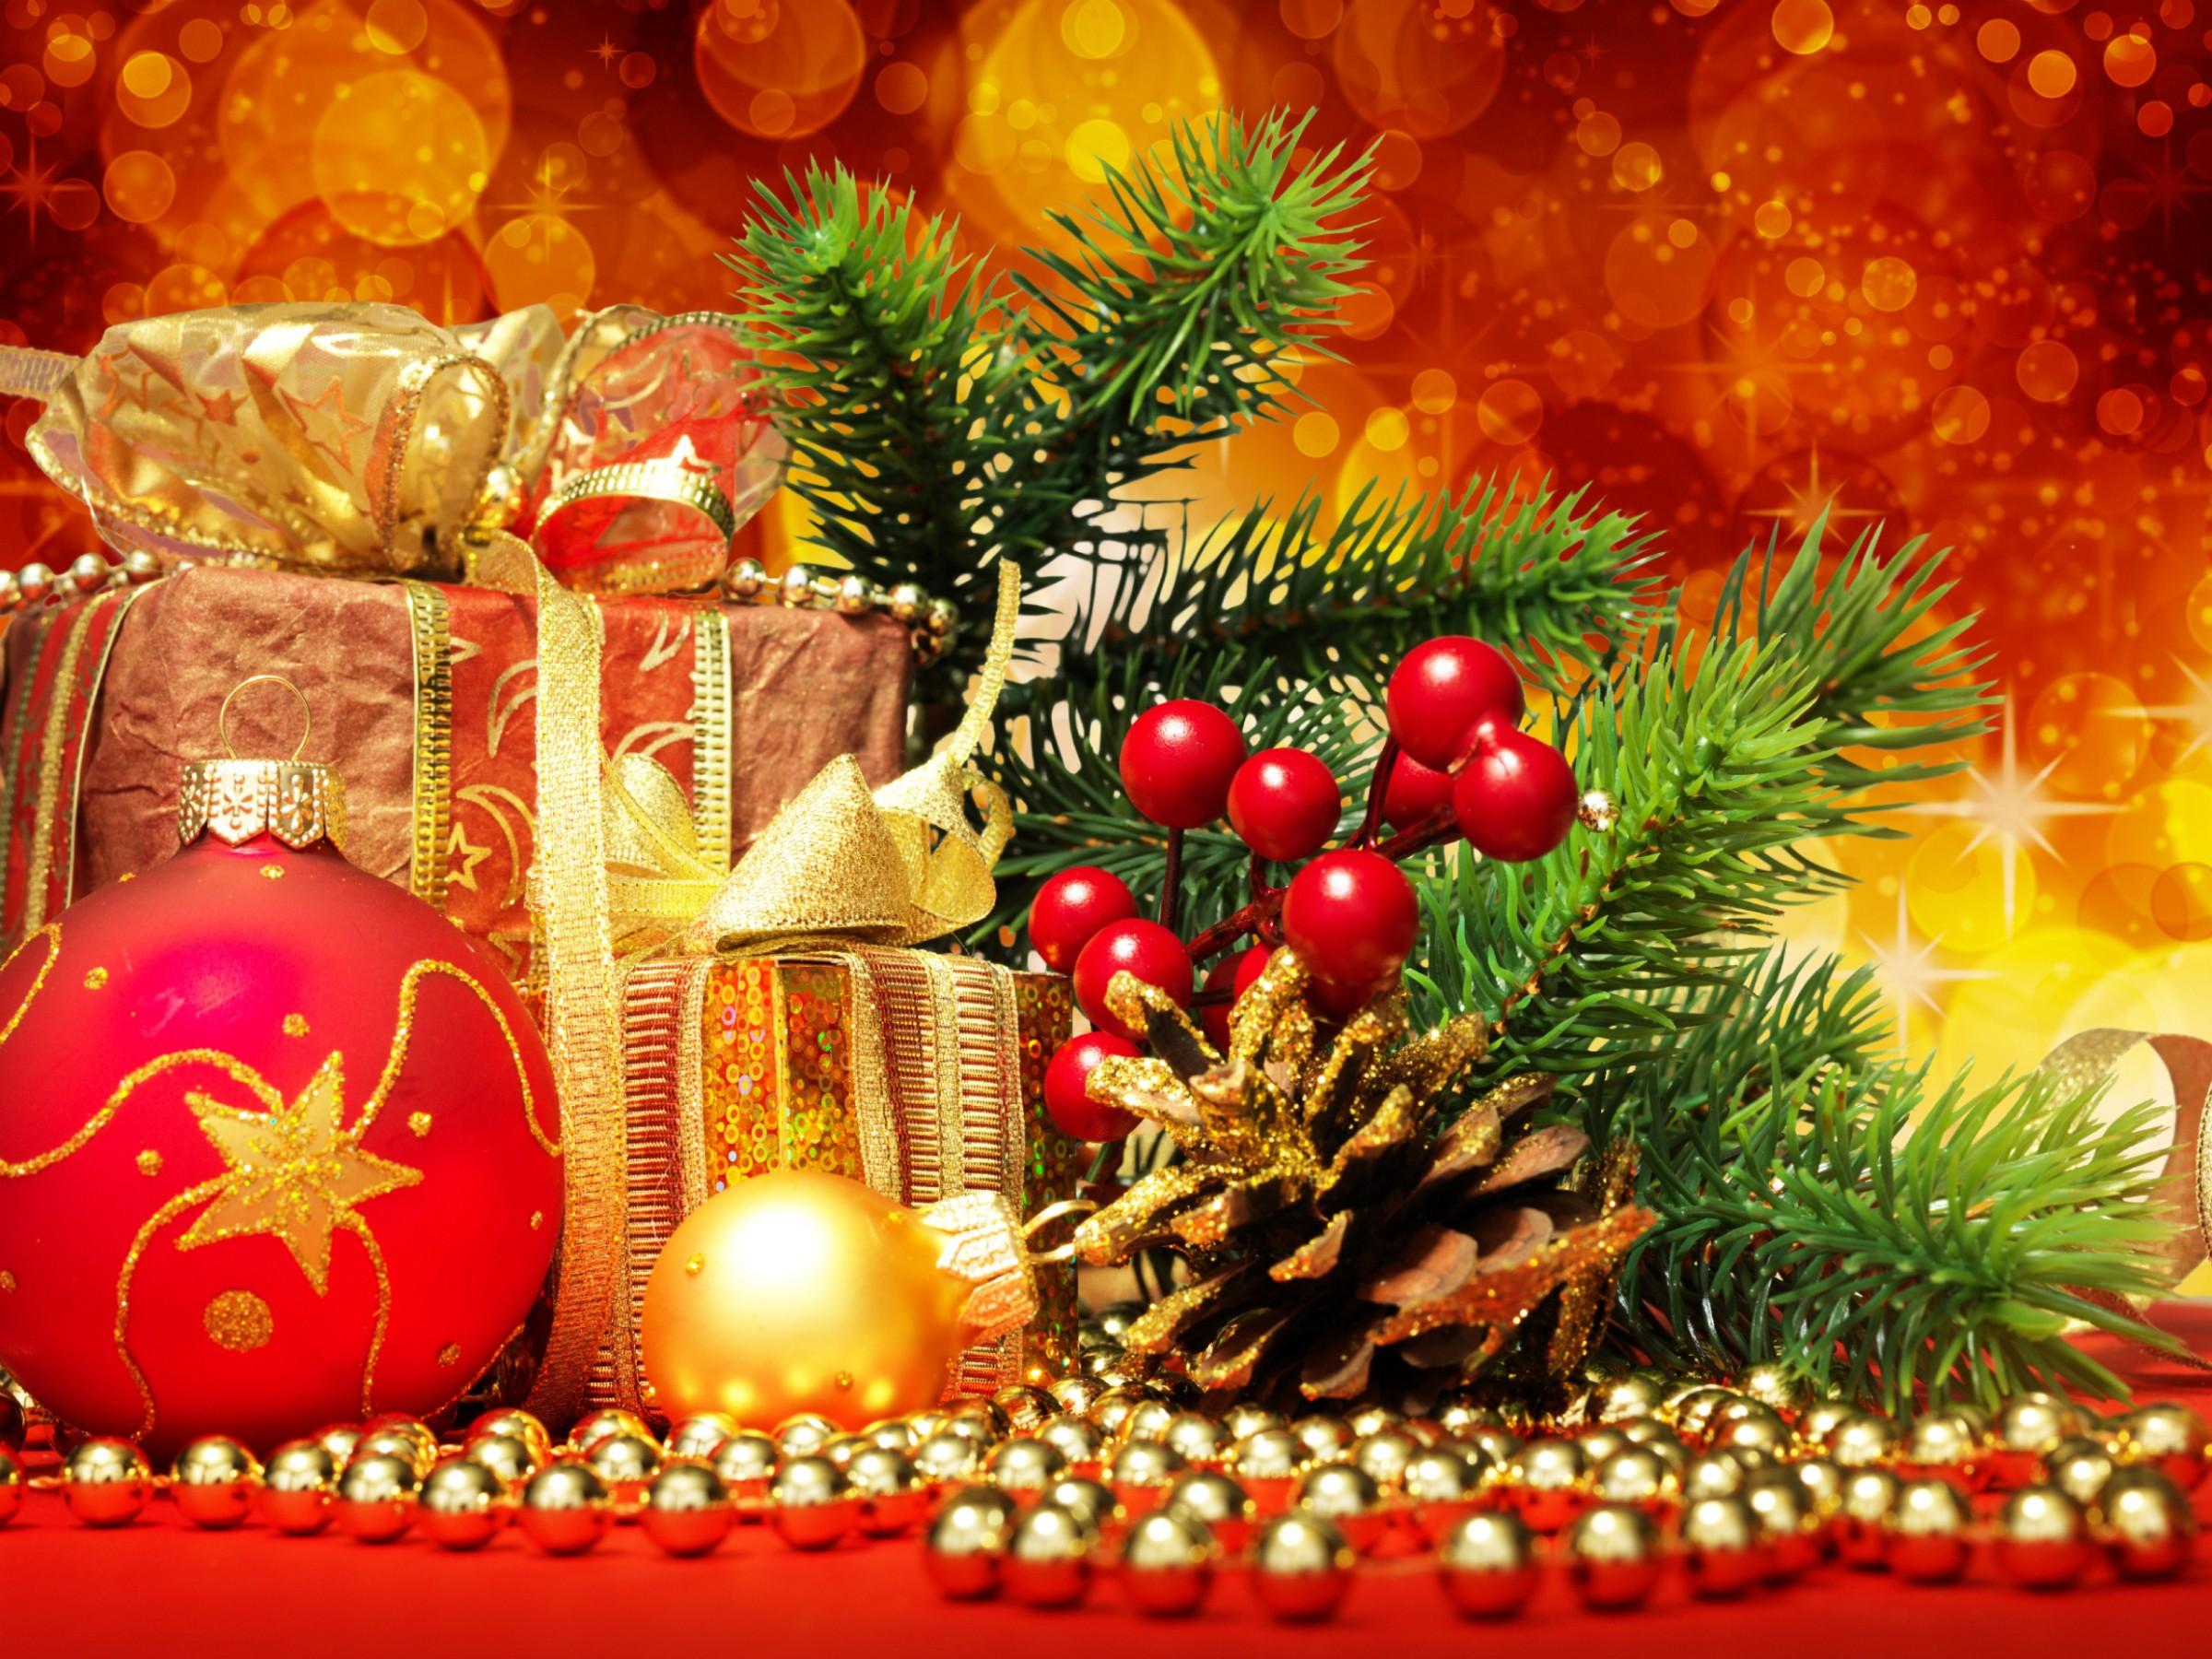 Картинка на рабочий стол на тему Подарок, украшения, новый год, лента, елочные шары с размером 800 на 600 в высоком...